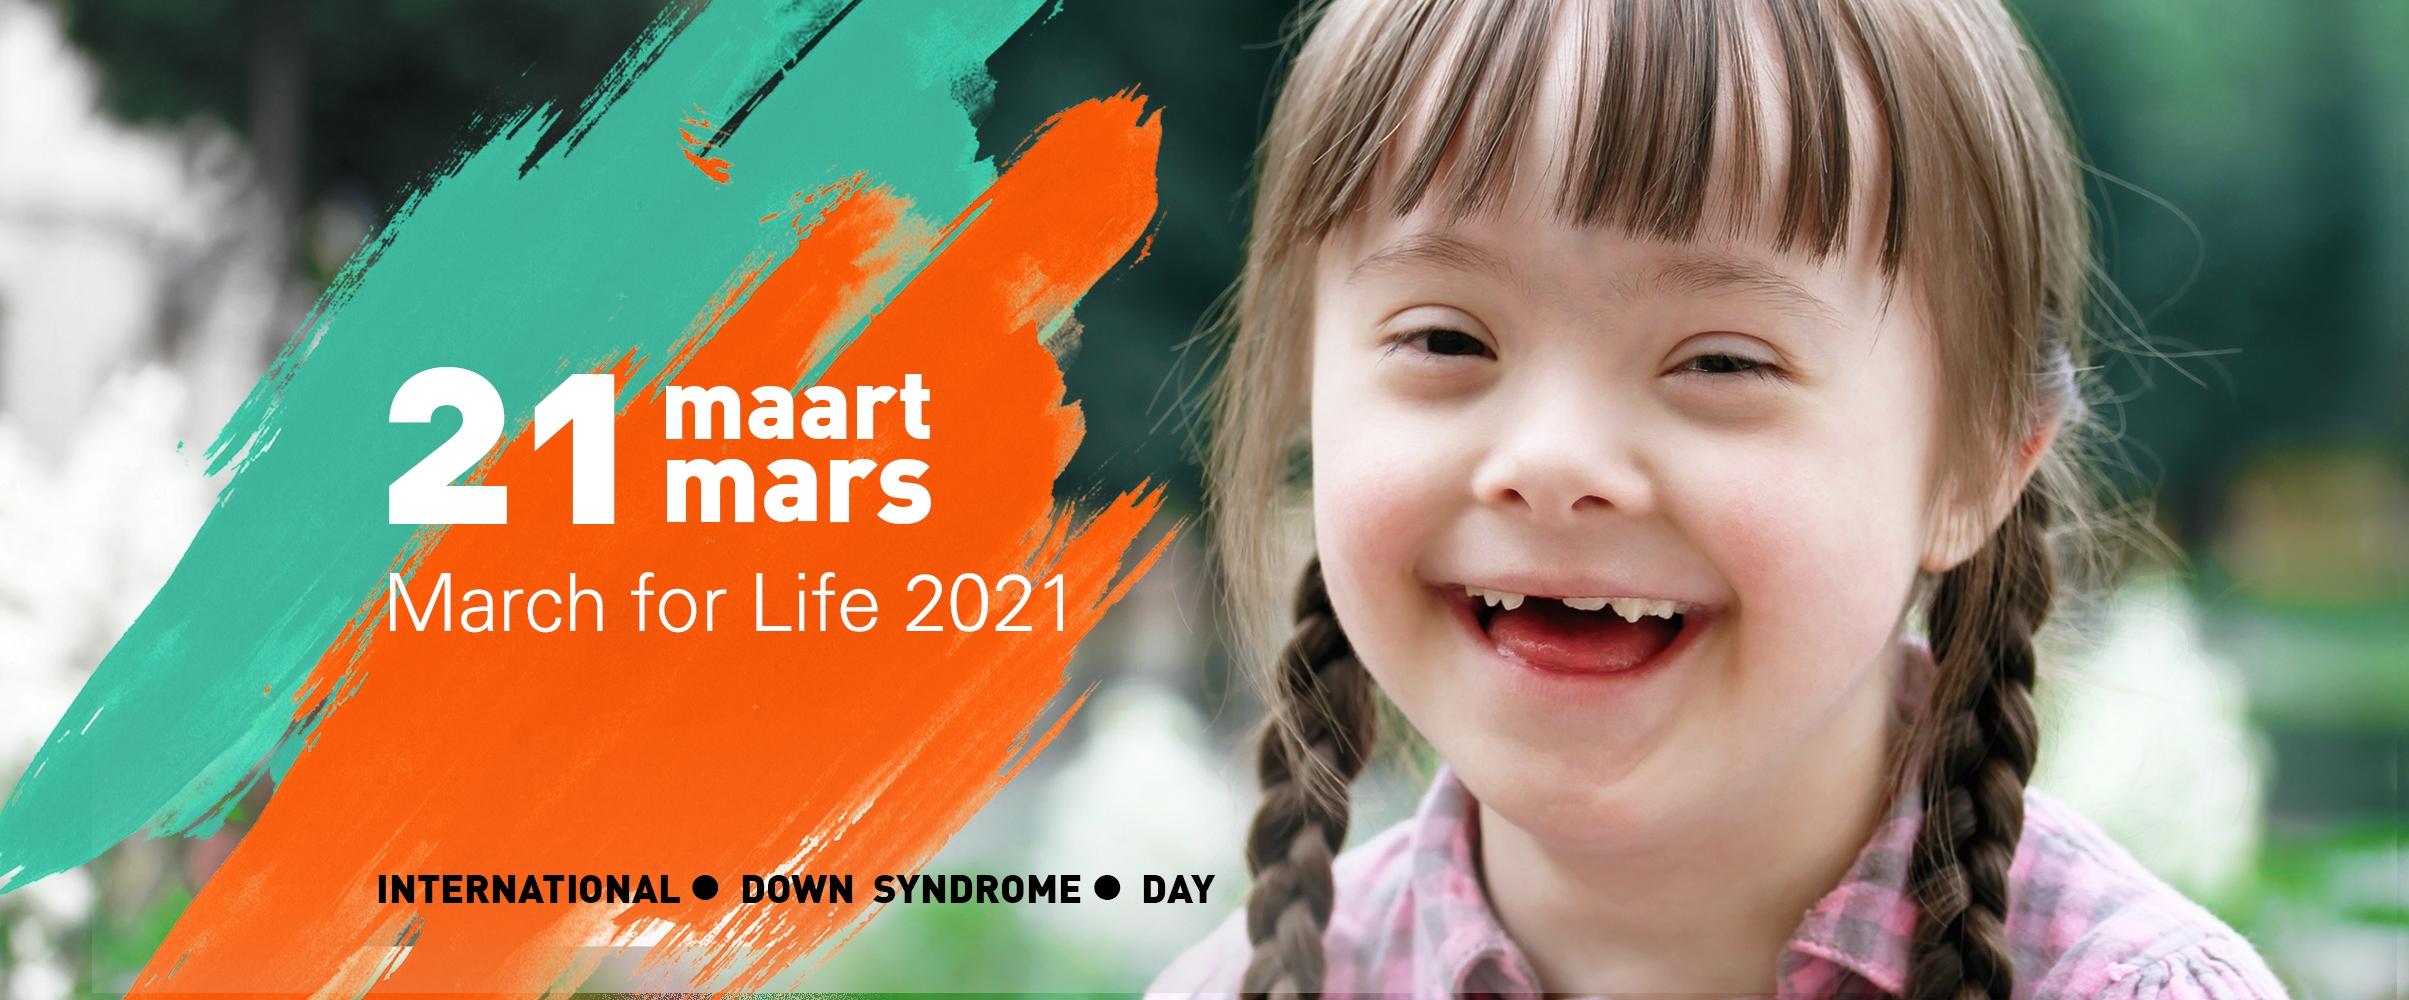 21 mars 2021, c'est le jour qu'on célébrera la vie de chaque personne, mais surtout la vie des personnes en situation d'handicap !